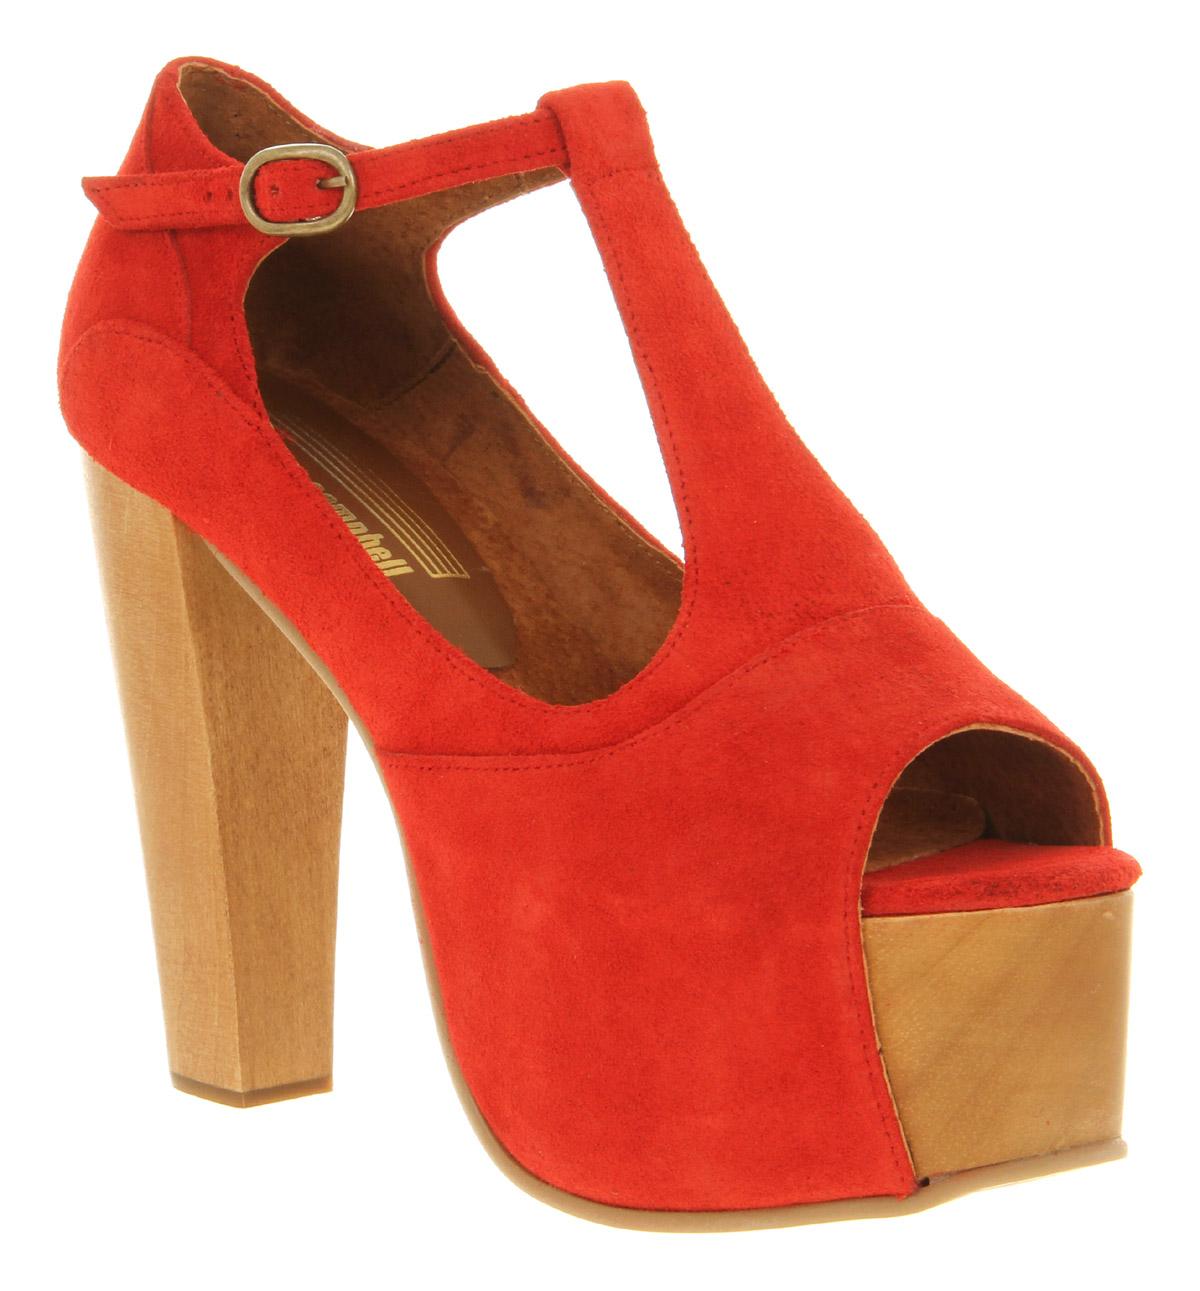 Womens Jeffrey Campbell Foxy Heel Platform Red Suede Heels | eBay